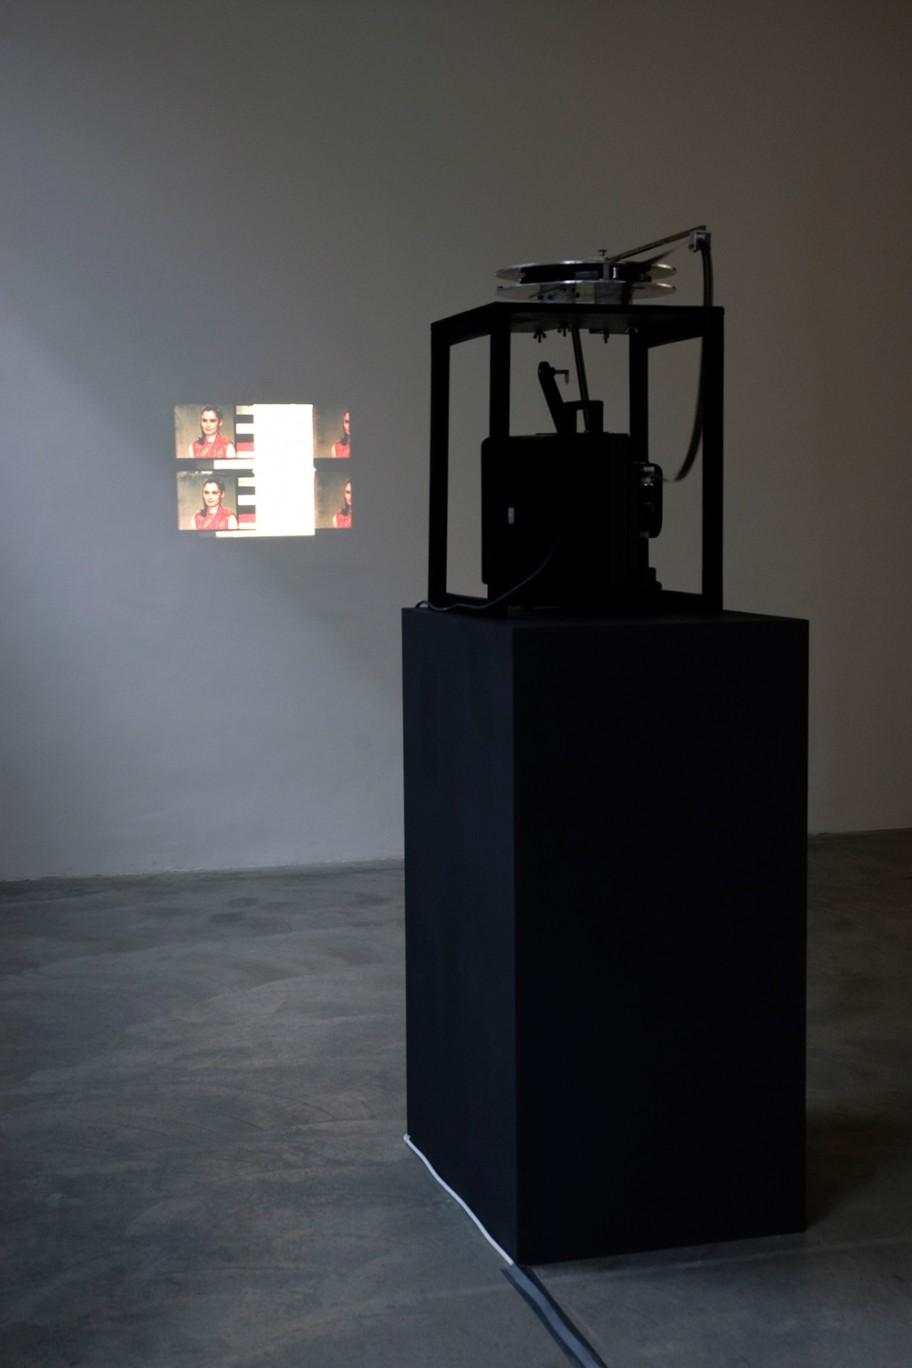 Exhibition View, Galerie Martin Janda, Blinzeln, curated by_Martin Arnold, 2011, Photo: Galerie Martin Janda